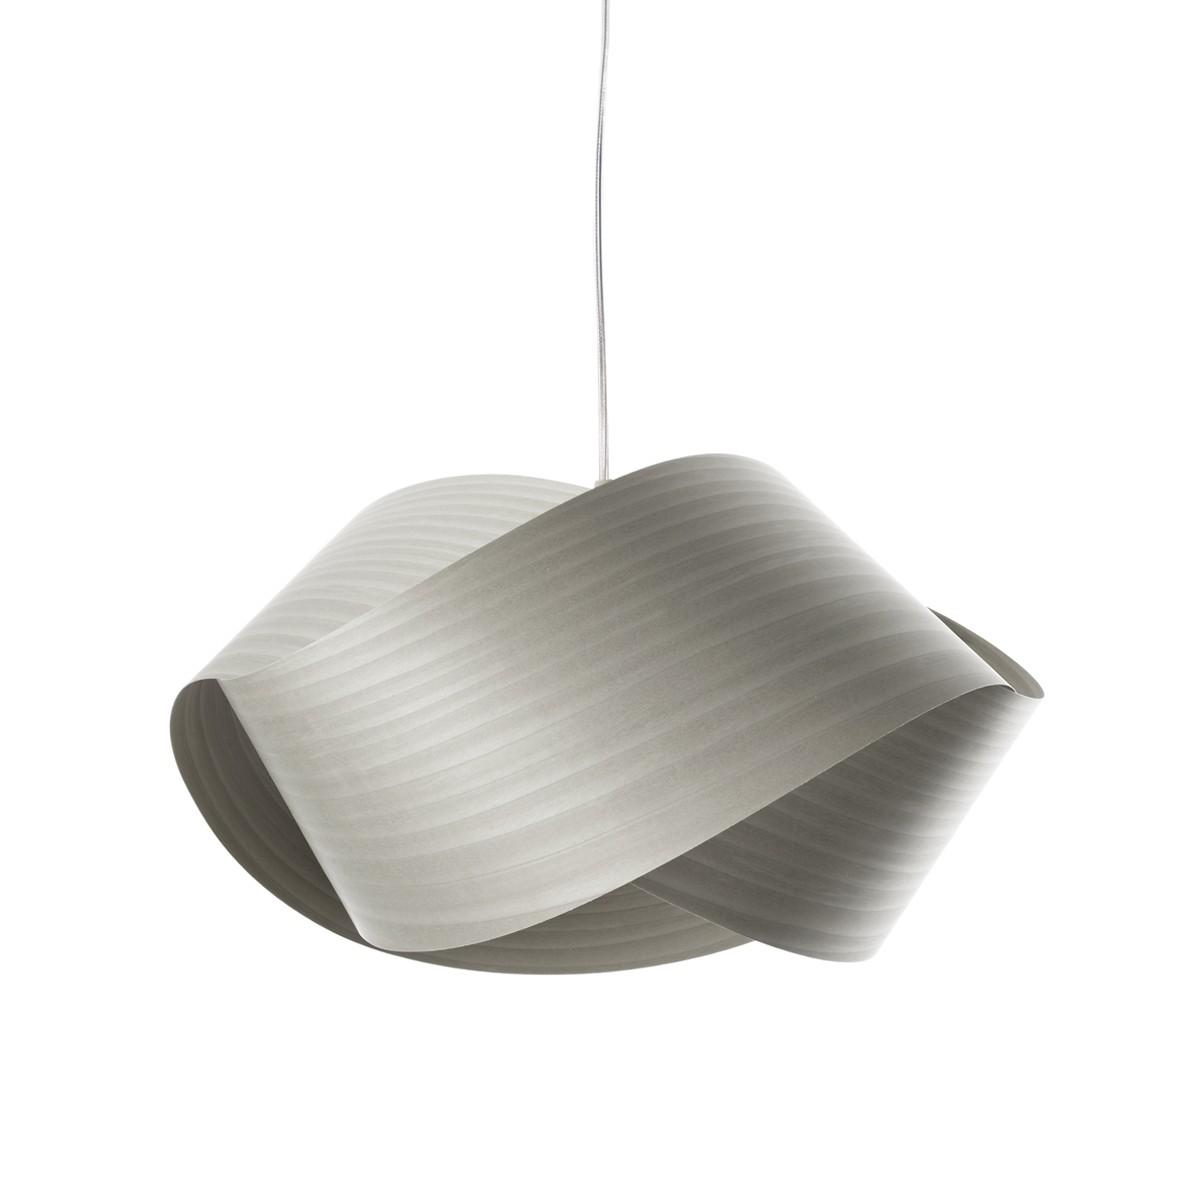 LZF Lamps Nut Pendelleuchte, grau